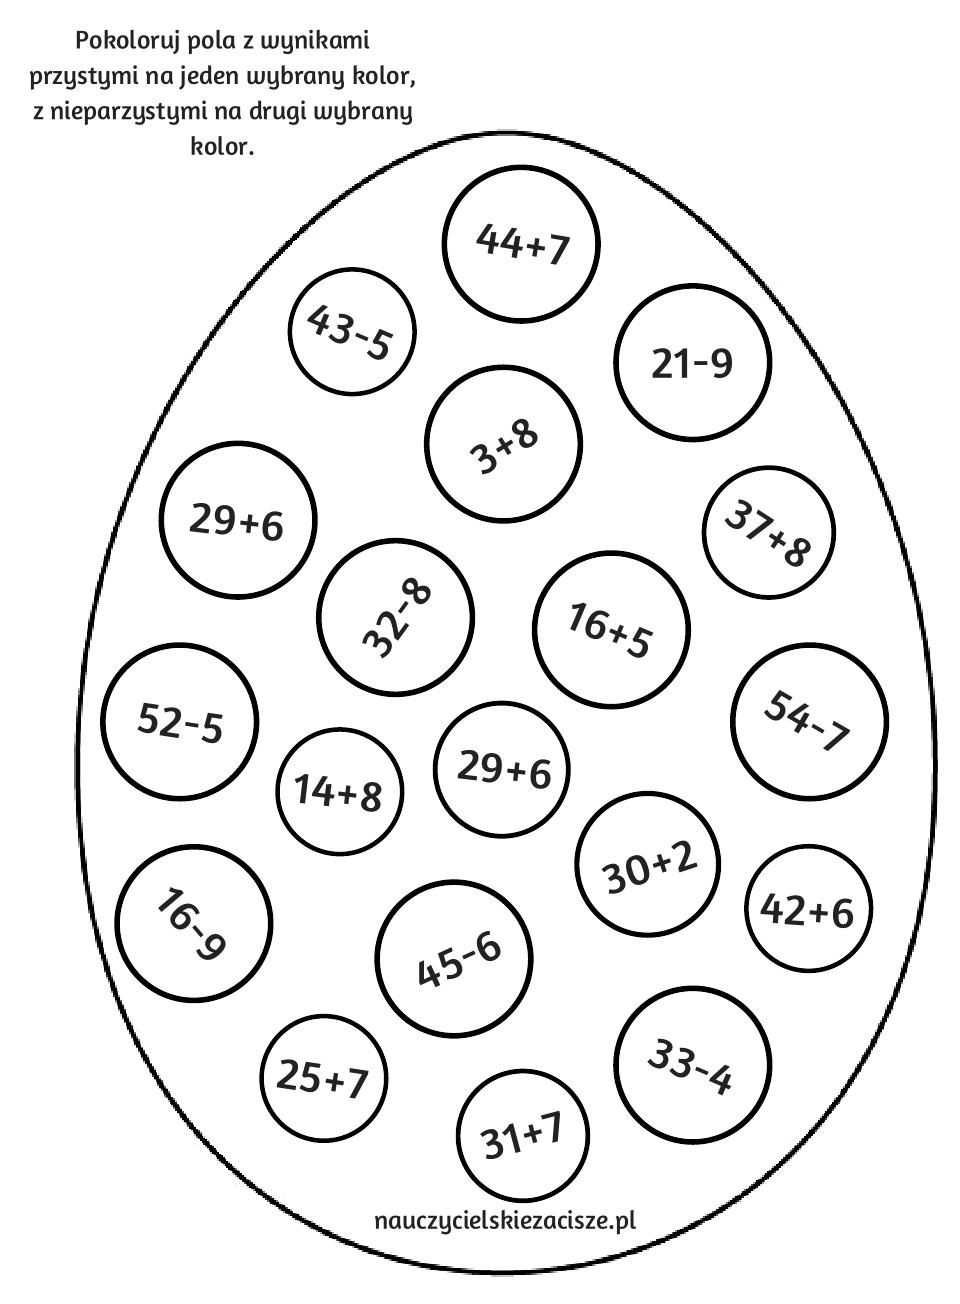 Nauczycielu Rodzicu Szukasz Pomocy Edukacyjnych Kart Pracy Pomyslow Na Gry Zabawy Materialow Do Druku D Math For Kids Maths Primary School Preschool Math